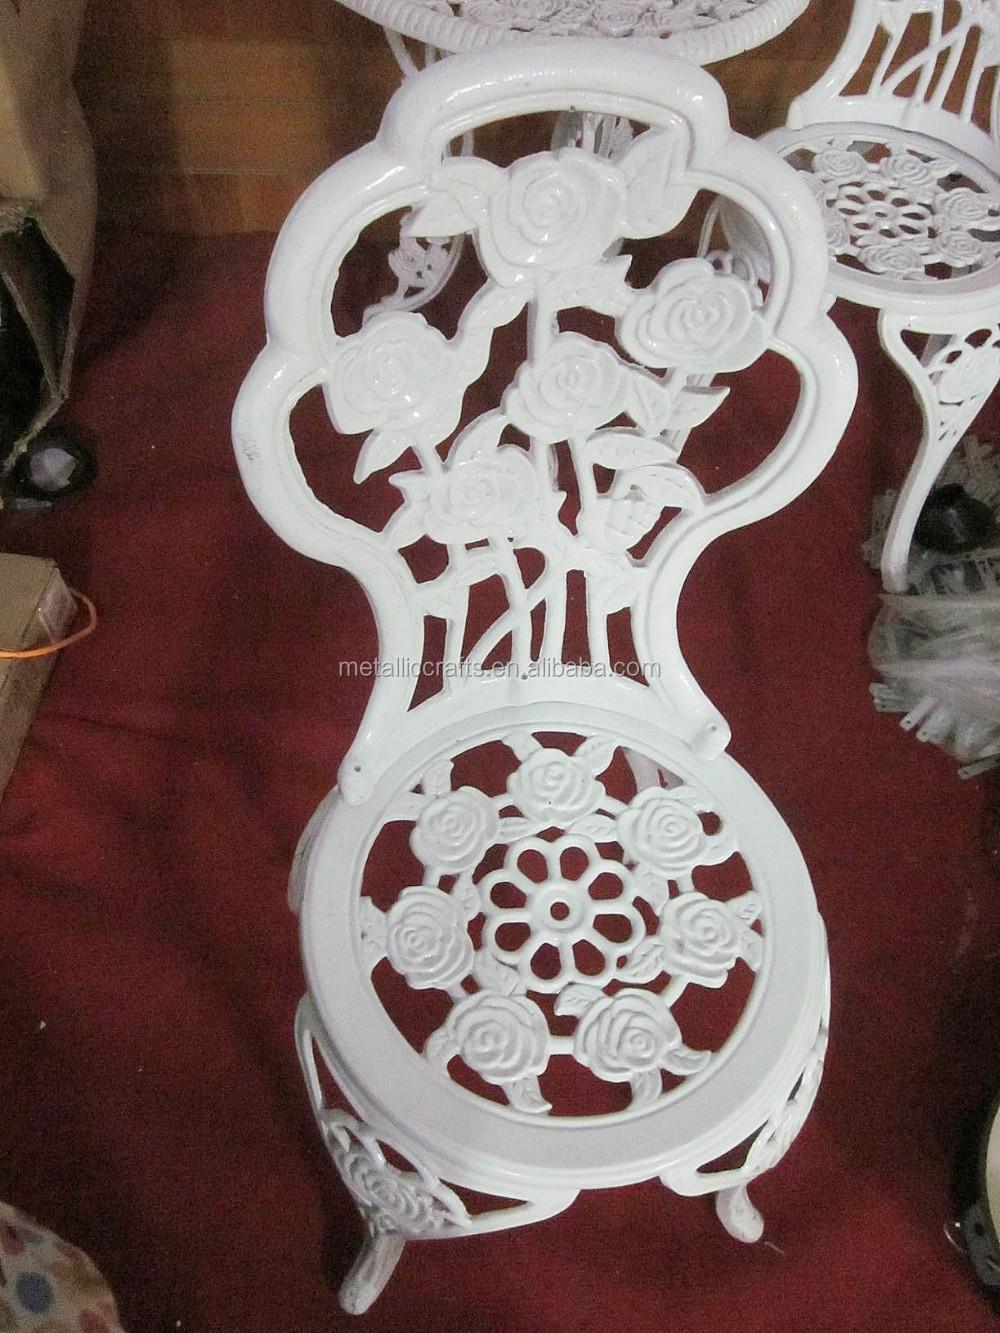 주철 정원 의자 테이블-정원 세트 -상품 ID:60488403607-korean.alibaba.com